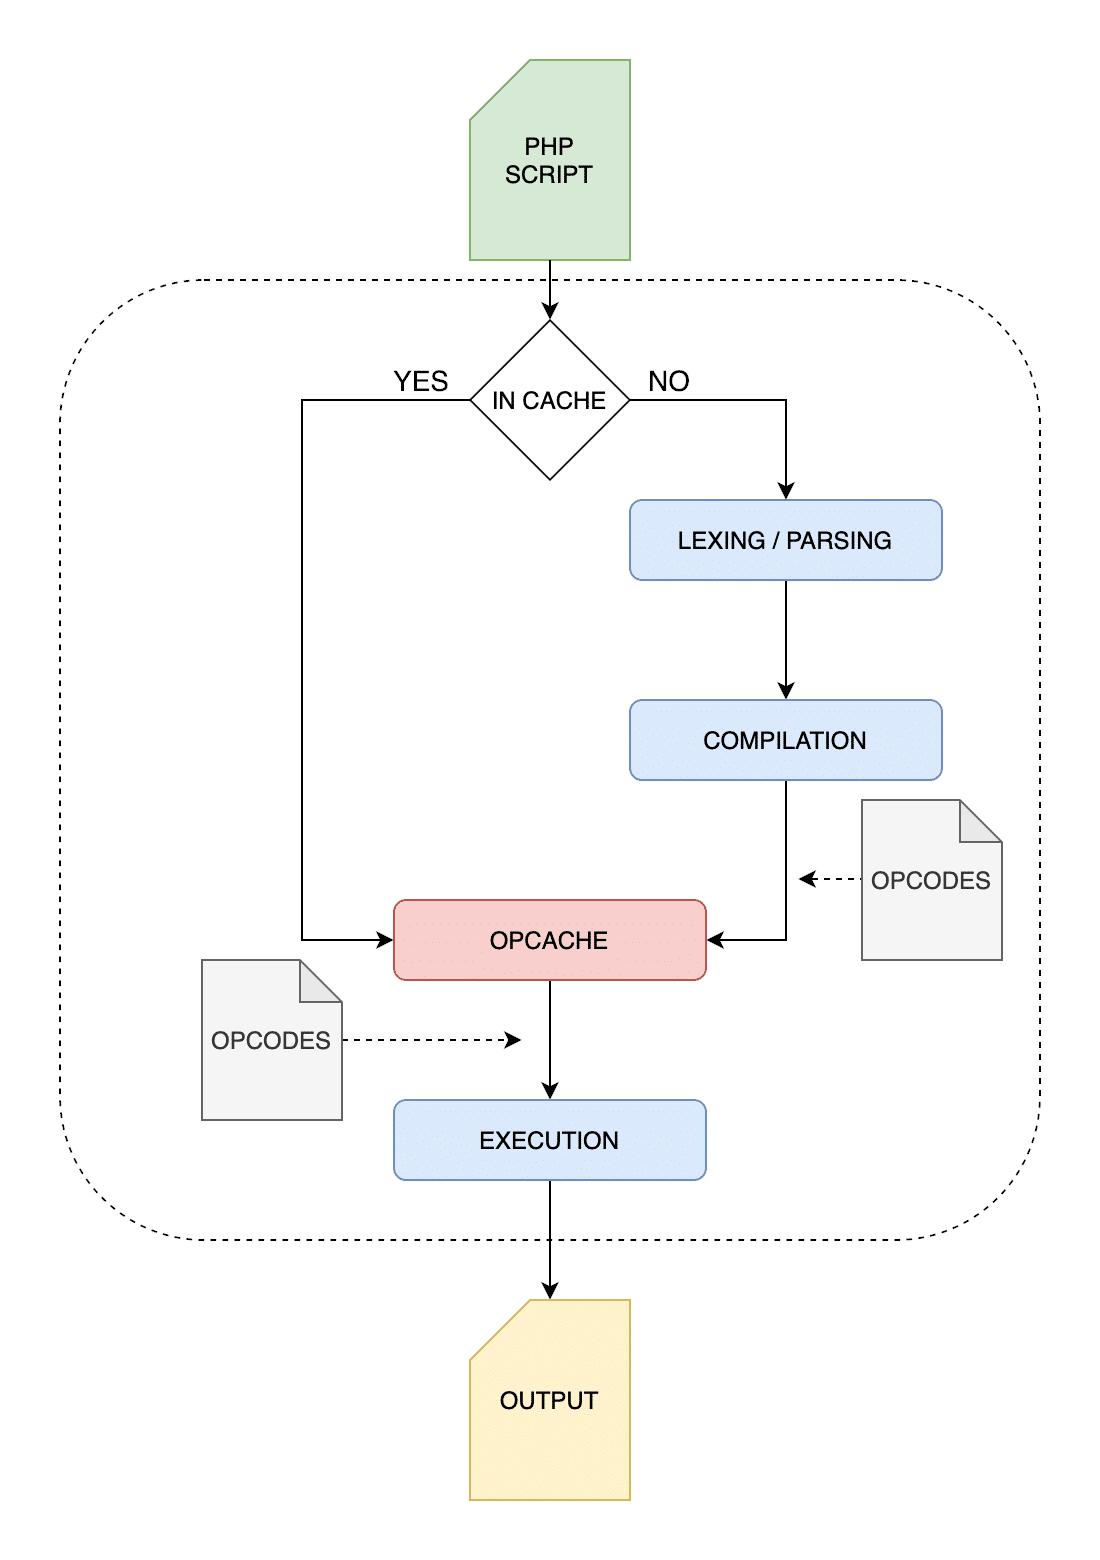 Proceso de ejecución de PHP con OPcache habilitado